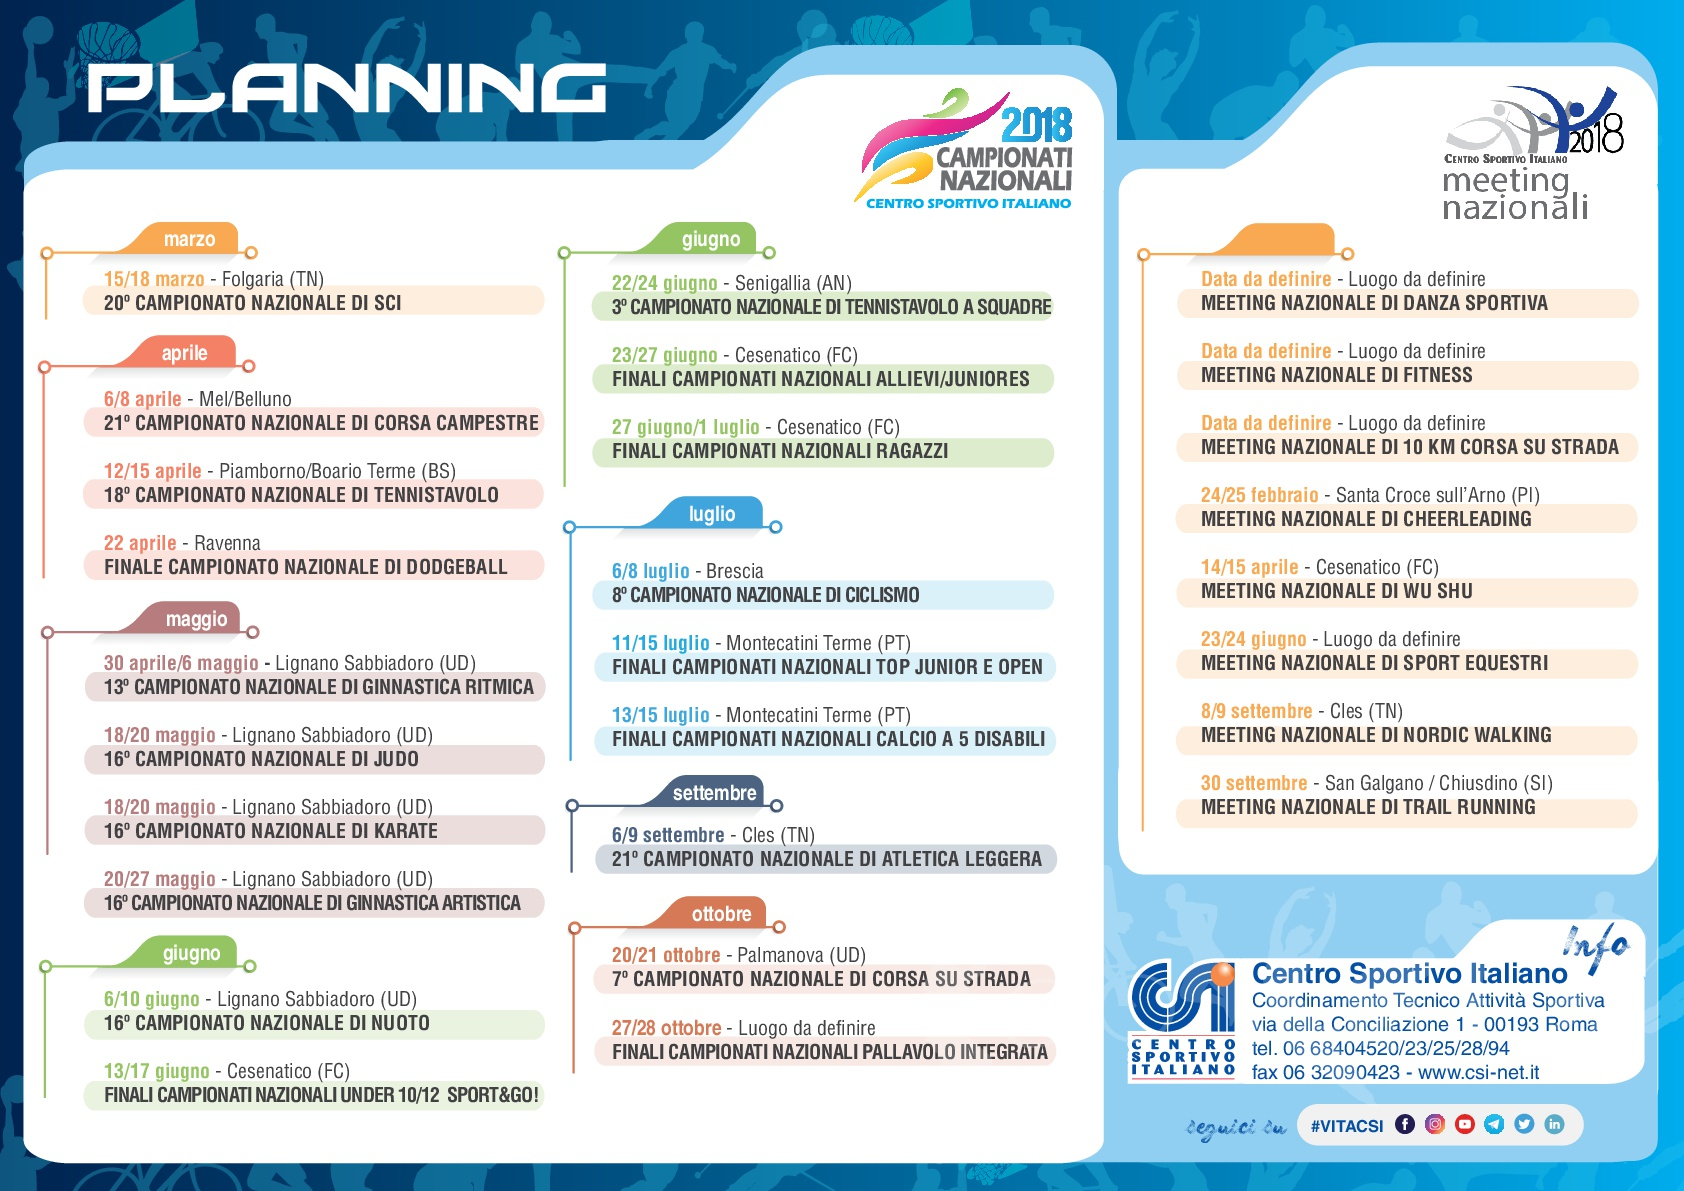 planning2018-001